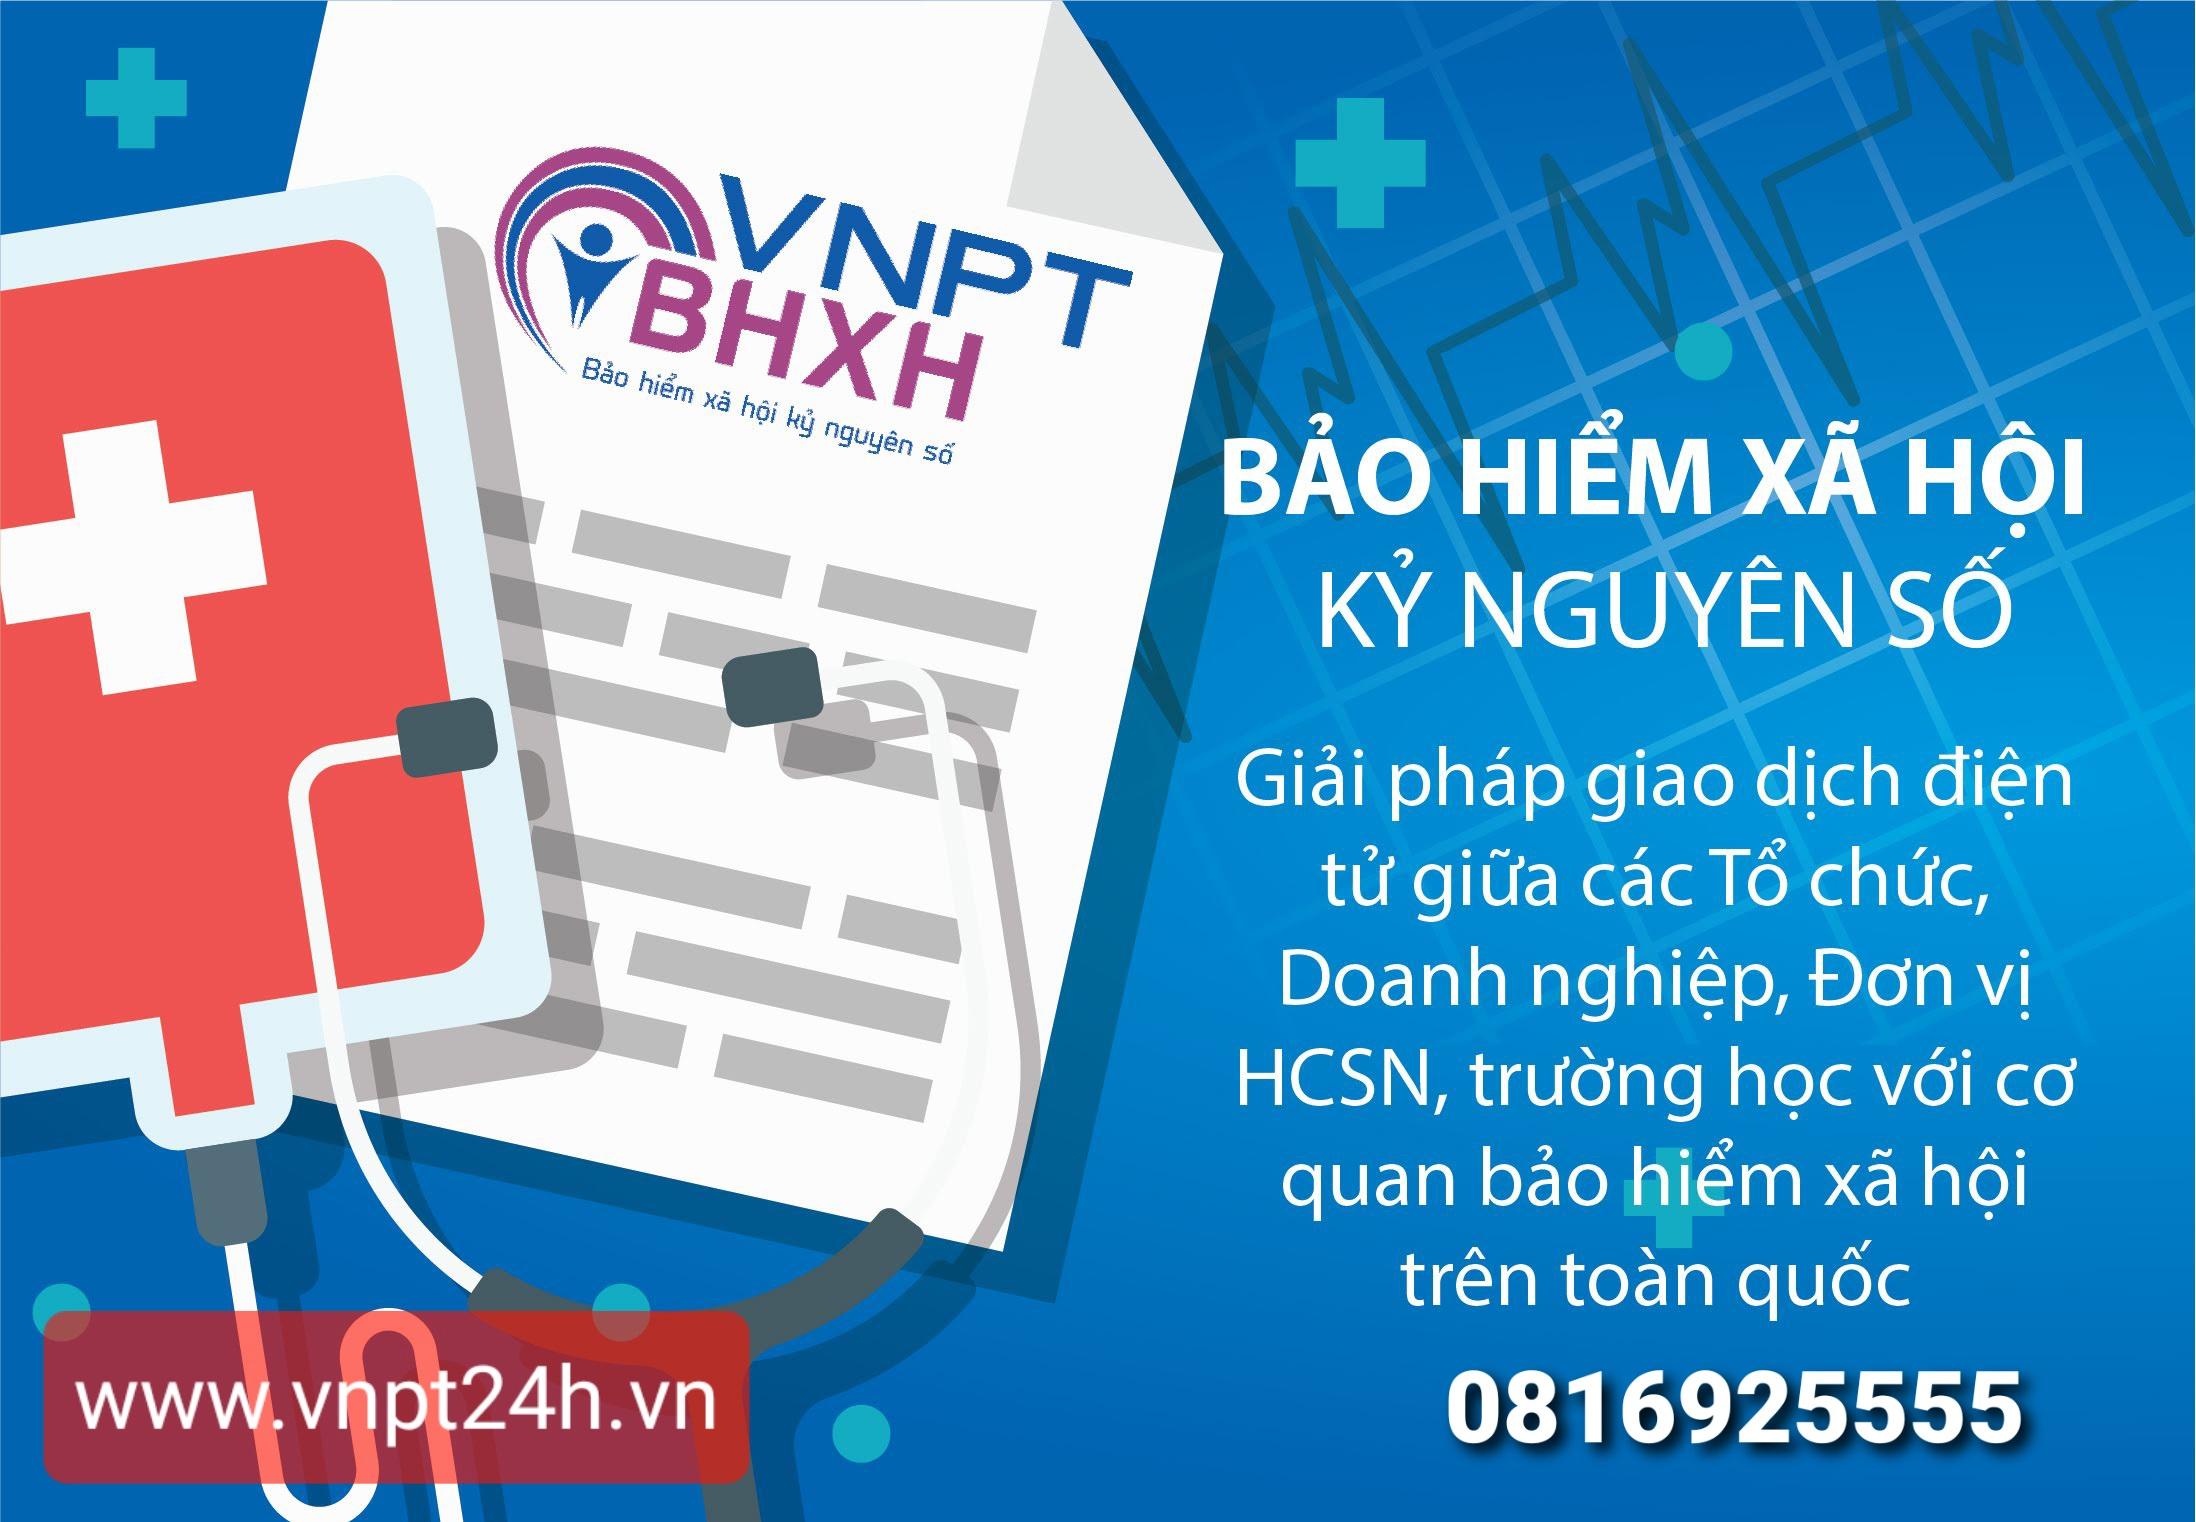 Dịch vụ BHXH VNPT TP. Hồ Chí Minh